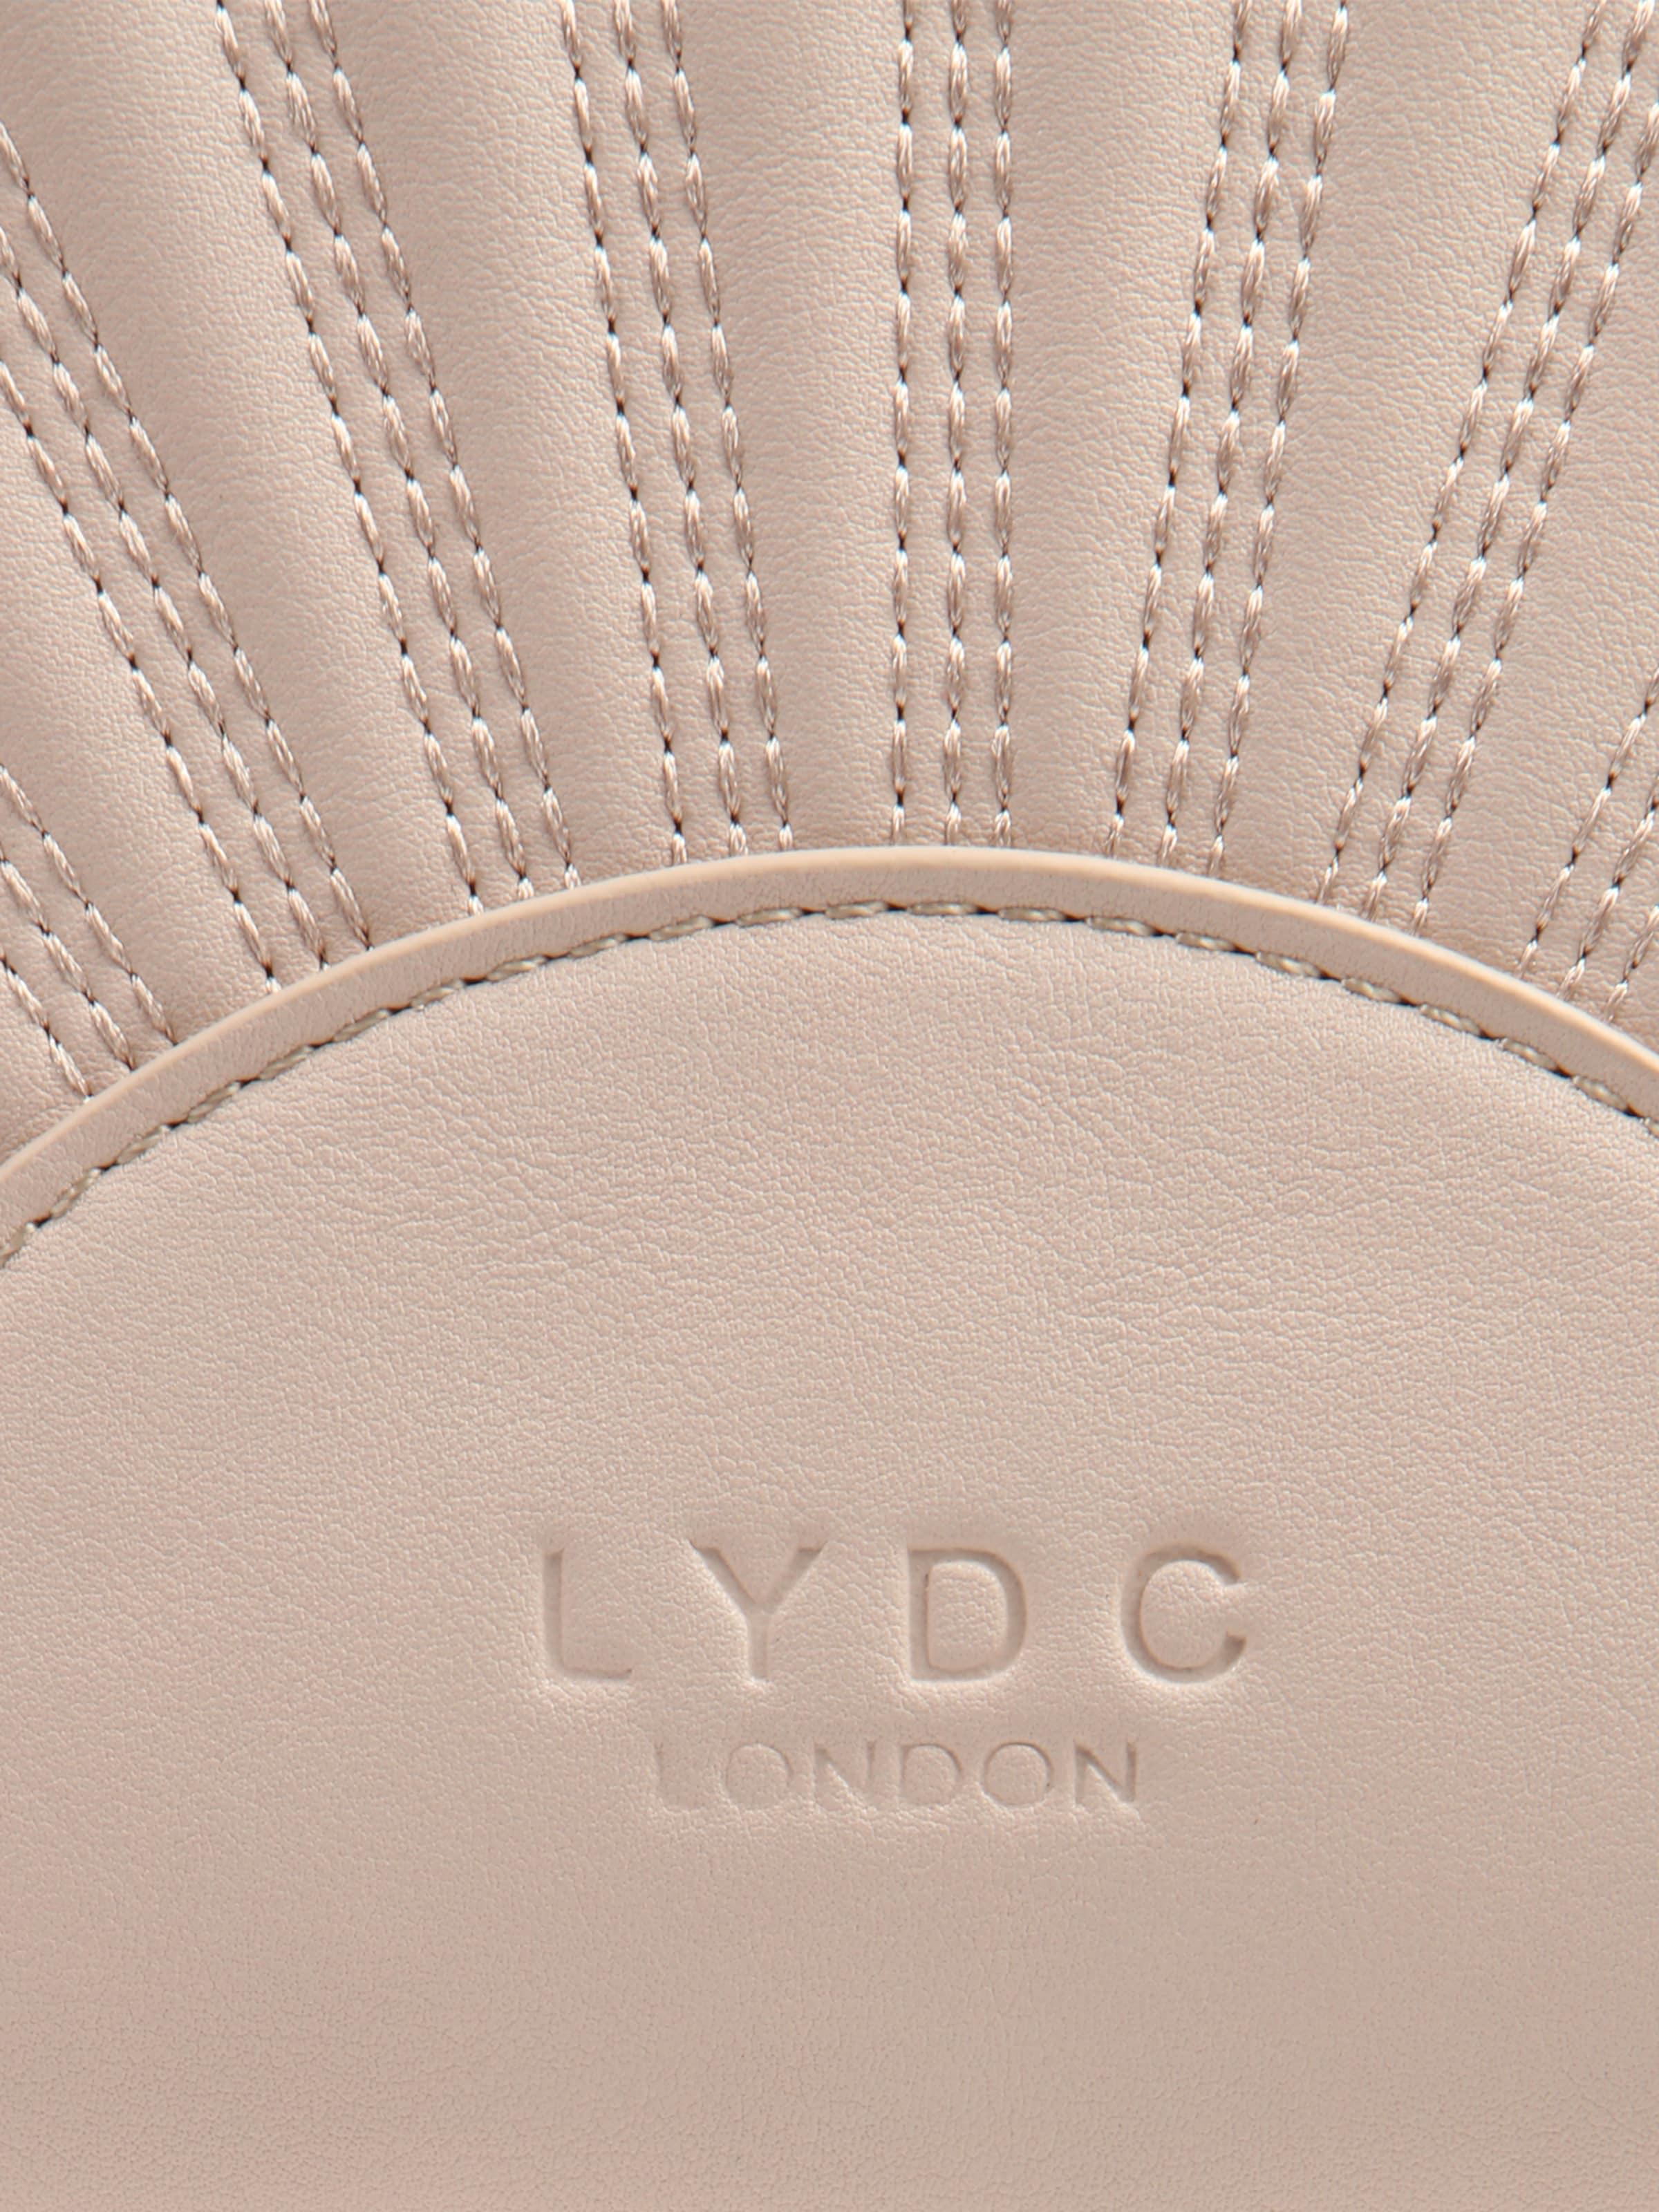 Verkauf Großhandelspreis Billig Kaufen LYDC London Umhängetasche 'Muschel' mit Tragekette TKJZ8e